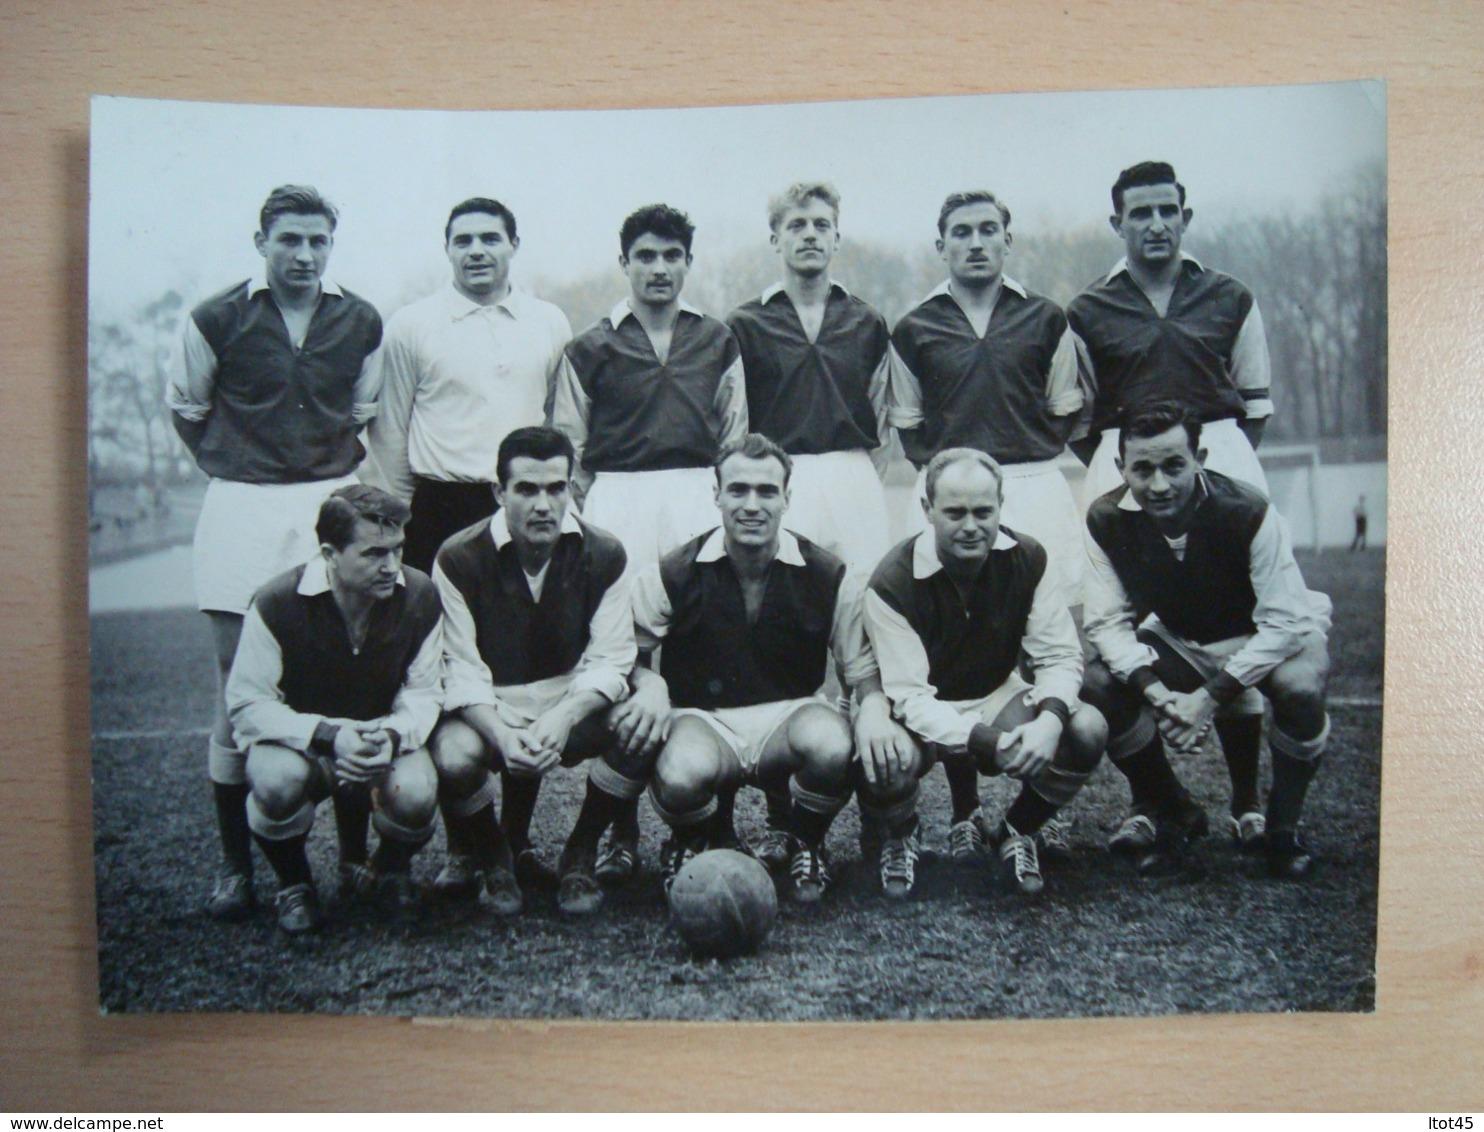 PHOTO DE PRESSE FOOTBALL RED-STAR TROYES PARC DES PRINCES 1960 - Sporten